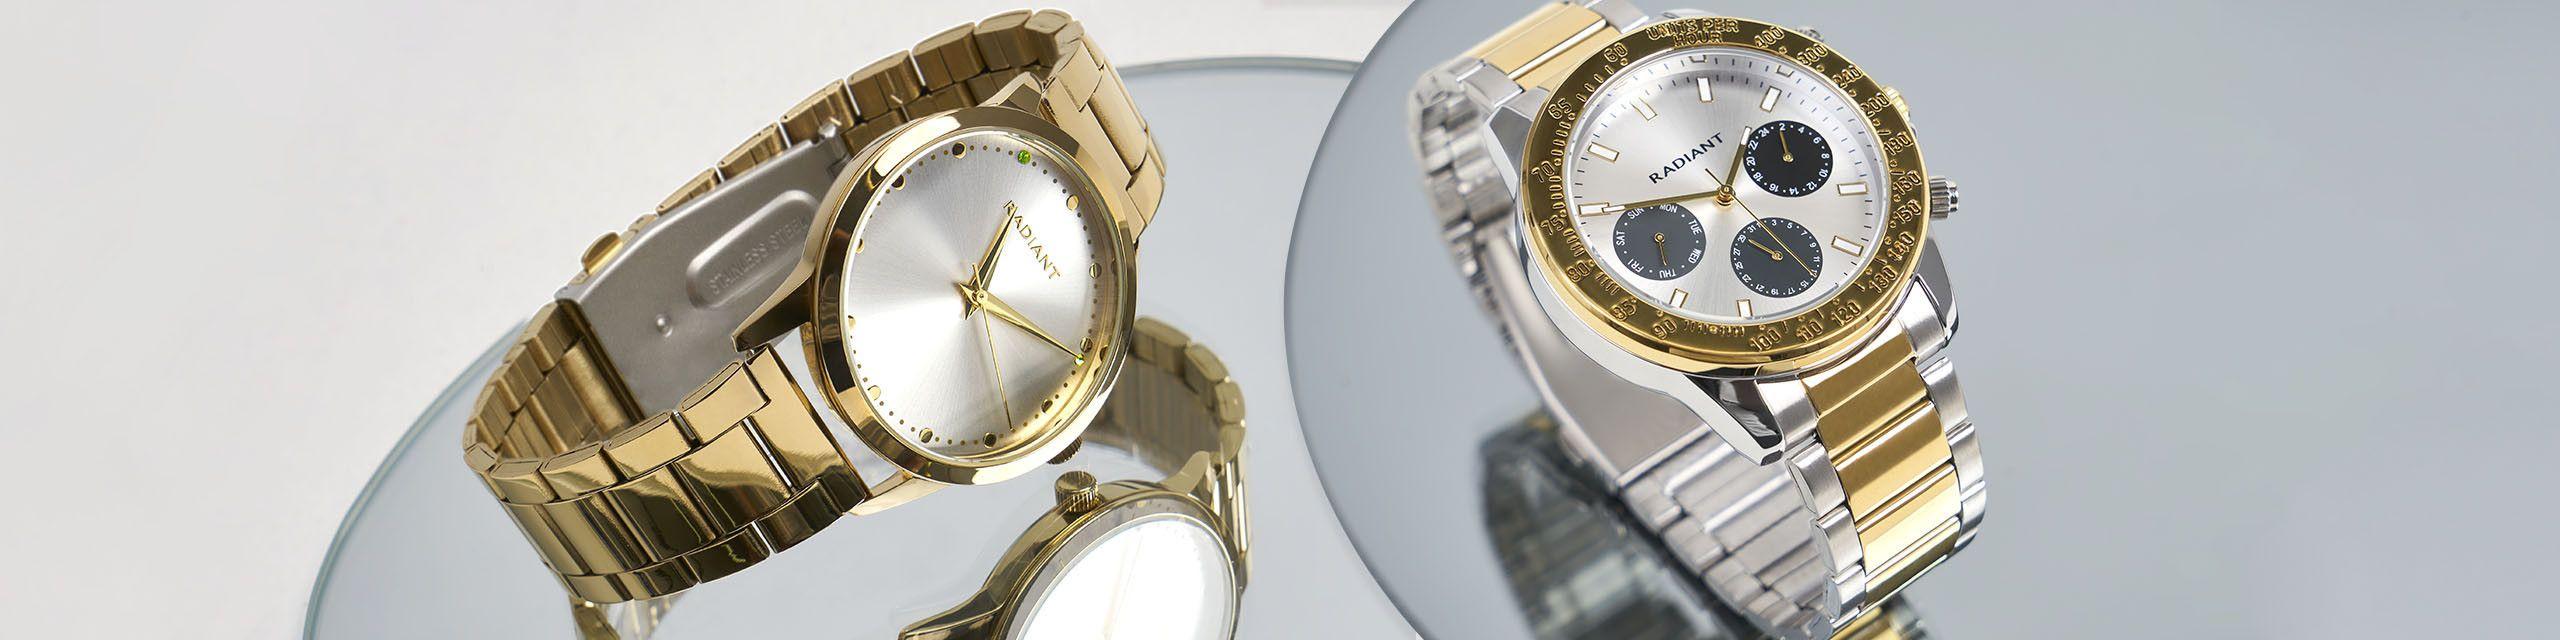 Relojes de hombre ▷ New Collection SS20 - Radiant España